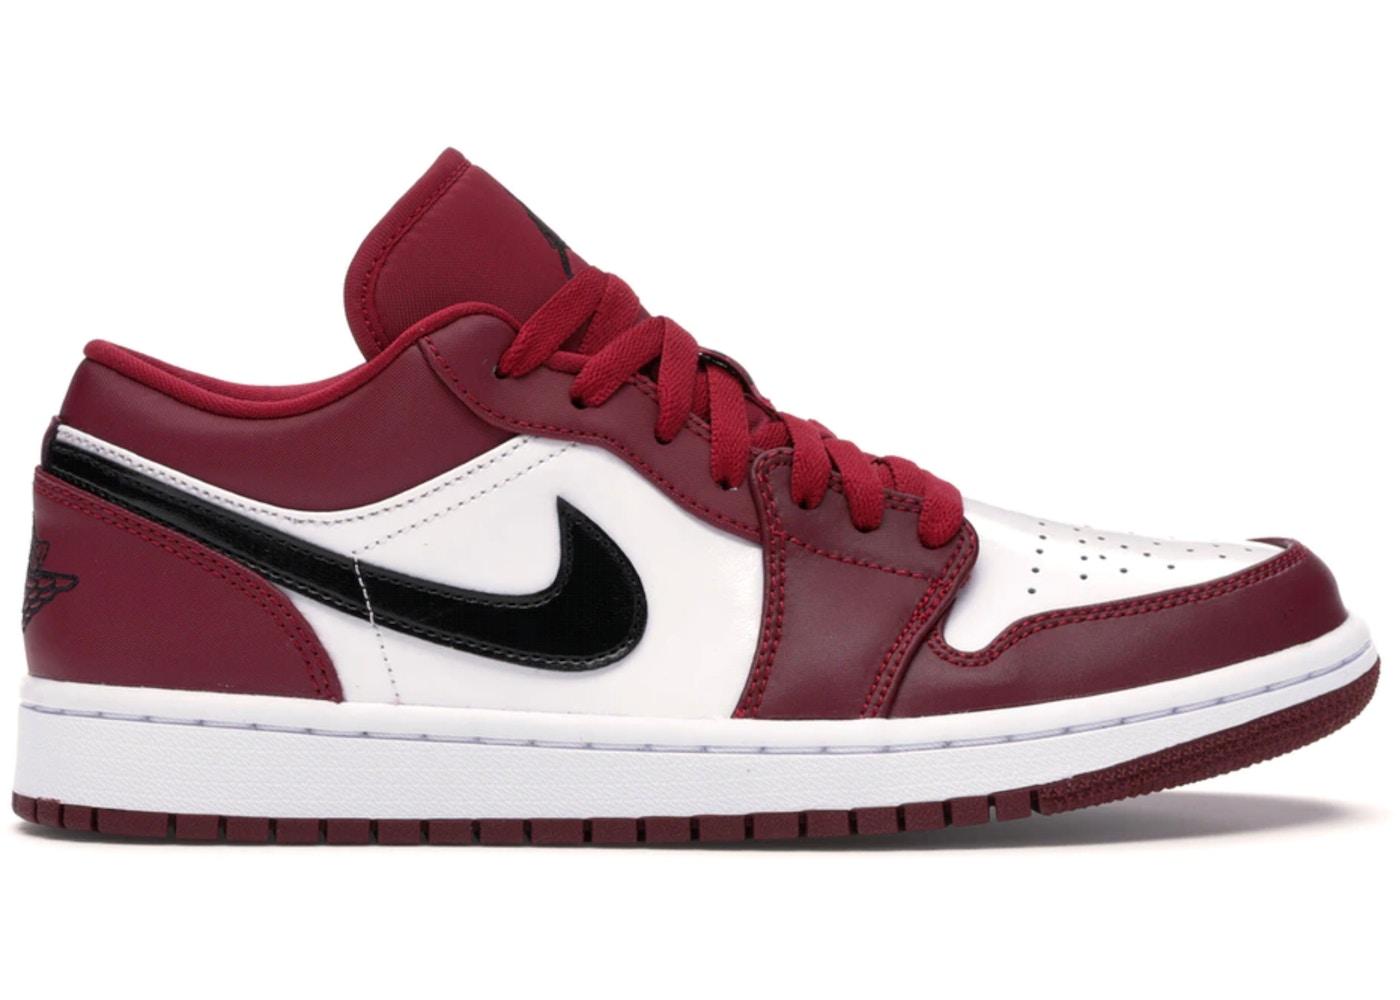 Jordan 1 Low Noble Red 553558 604